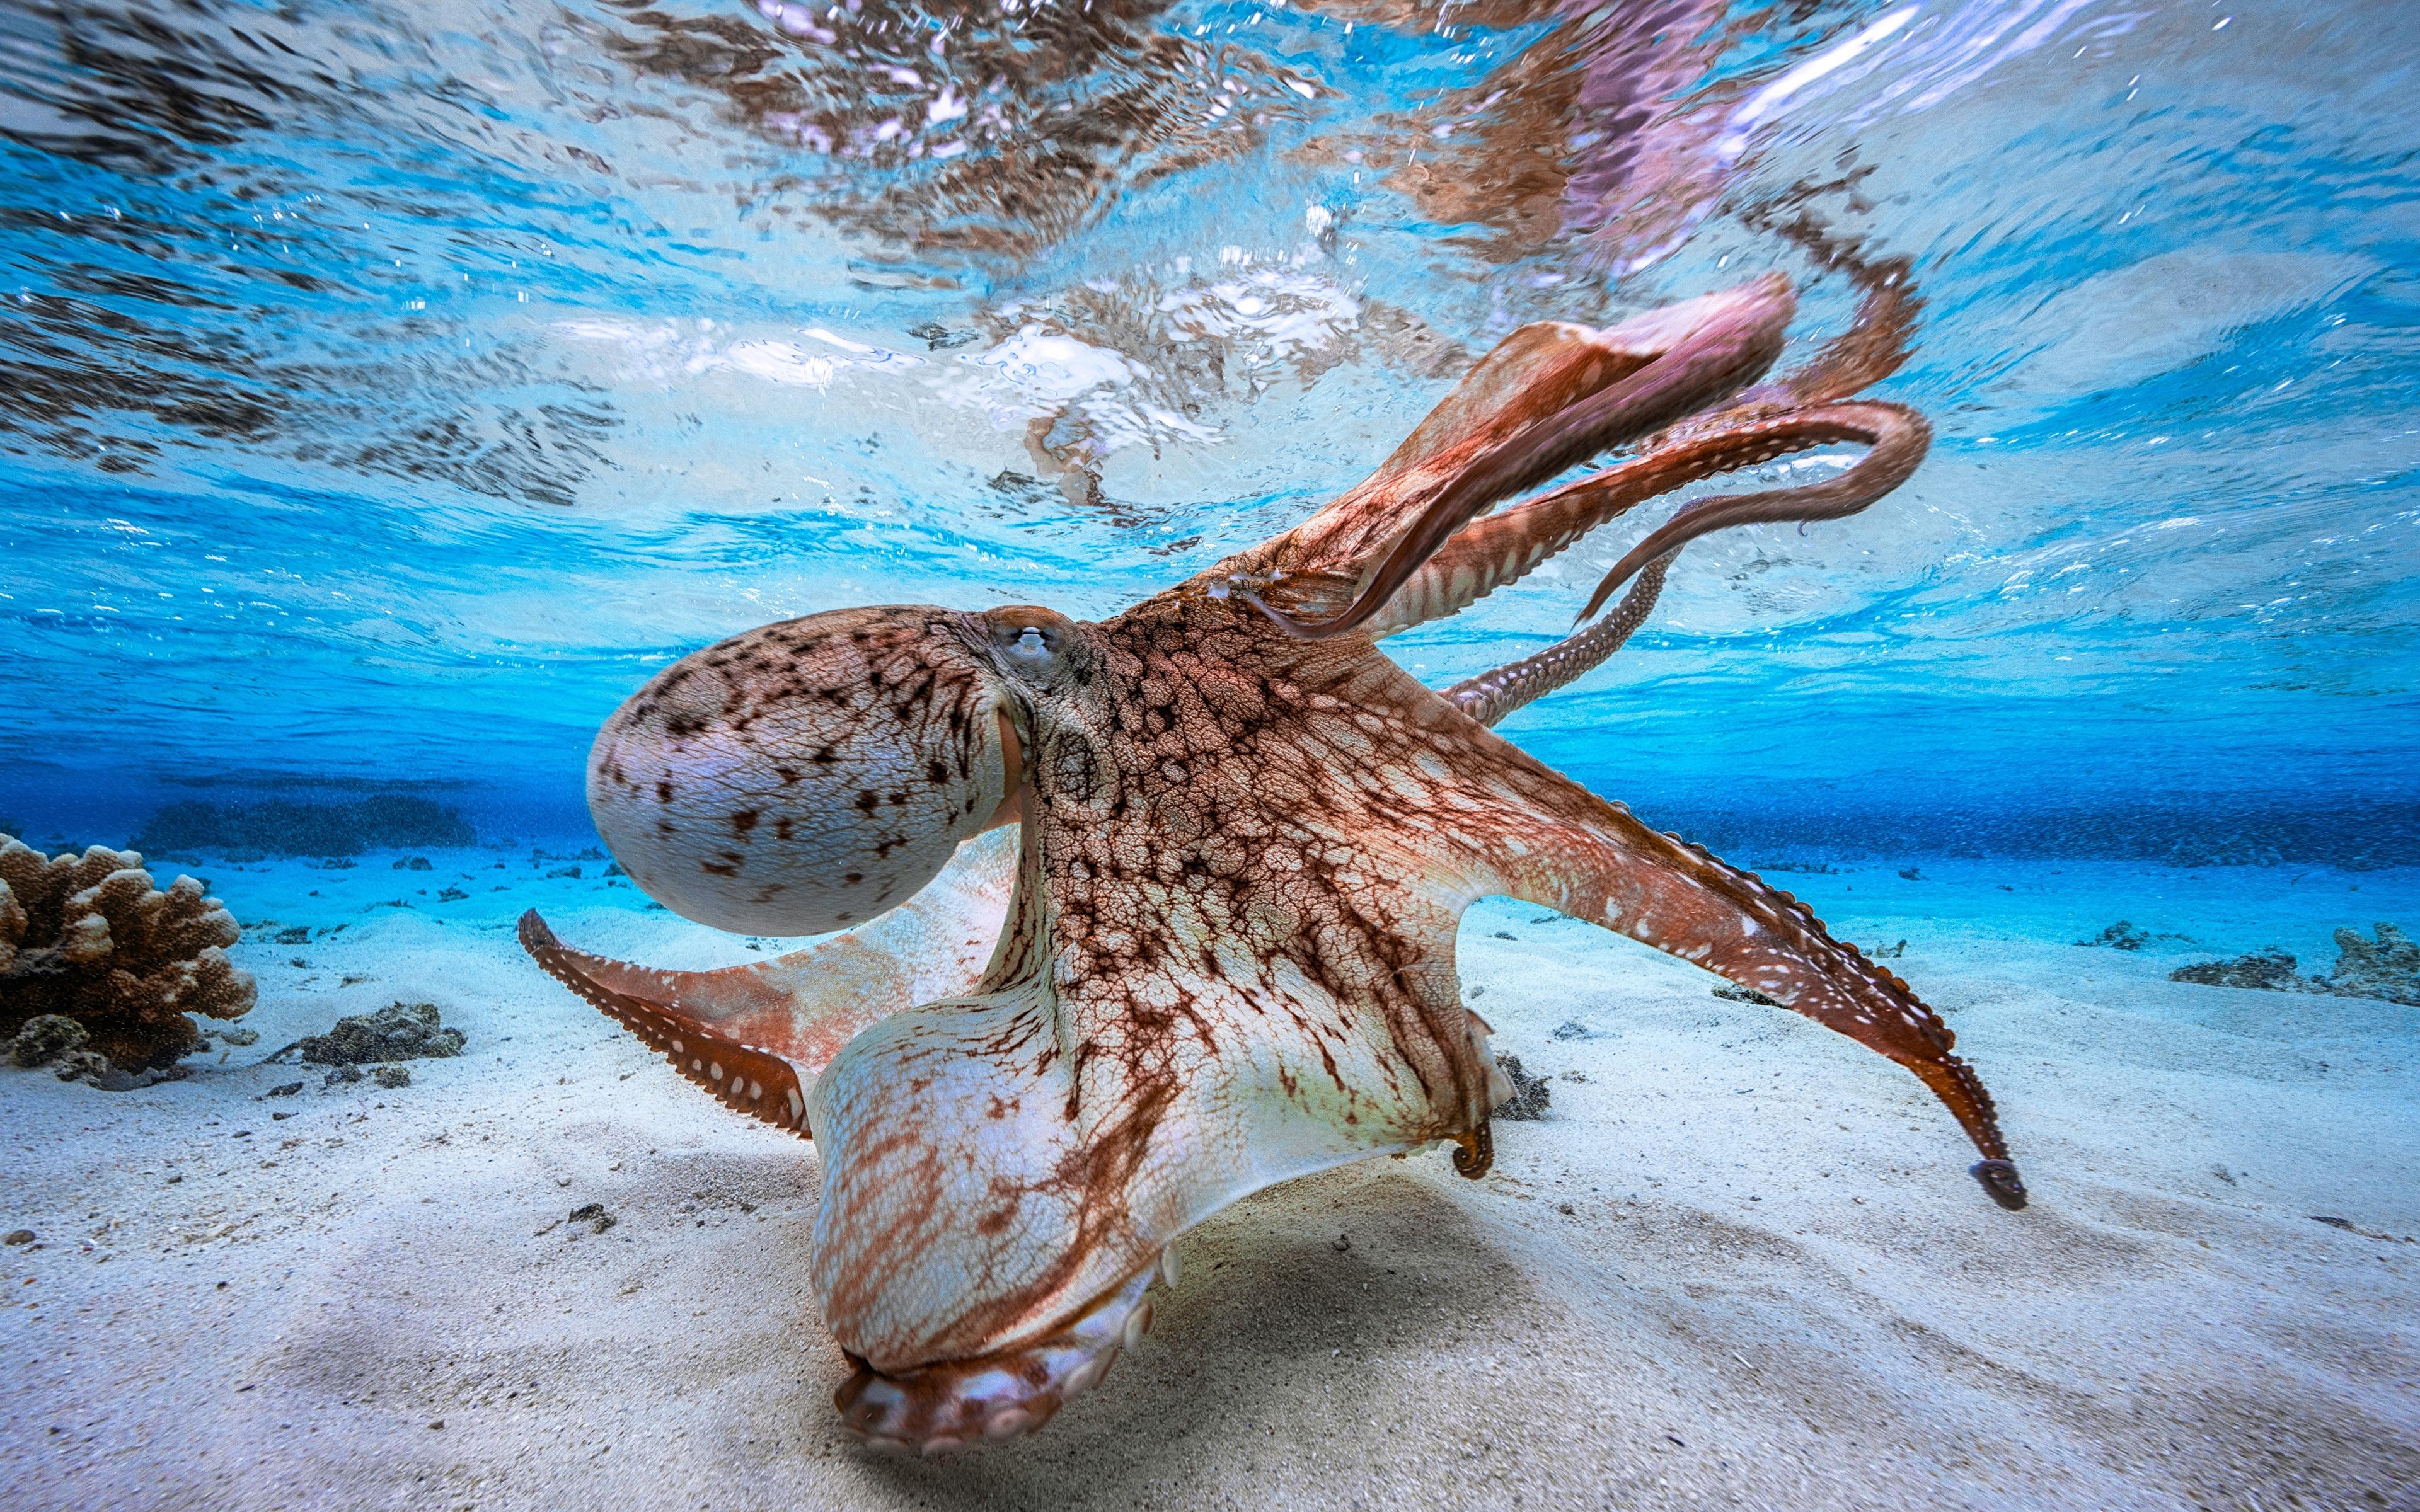 Картинки Осьминоги Подводный мир песке Животные 3840x2400 осминог песка Песок животное